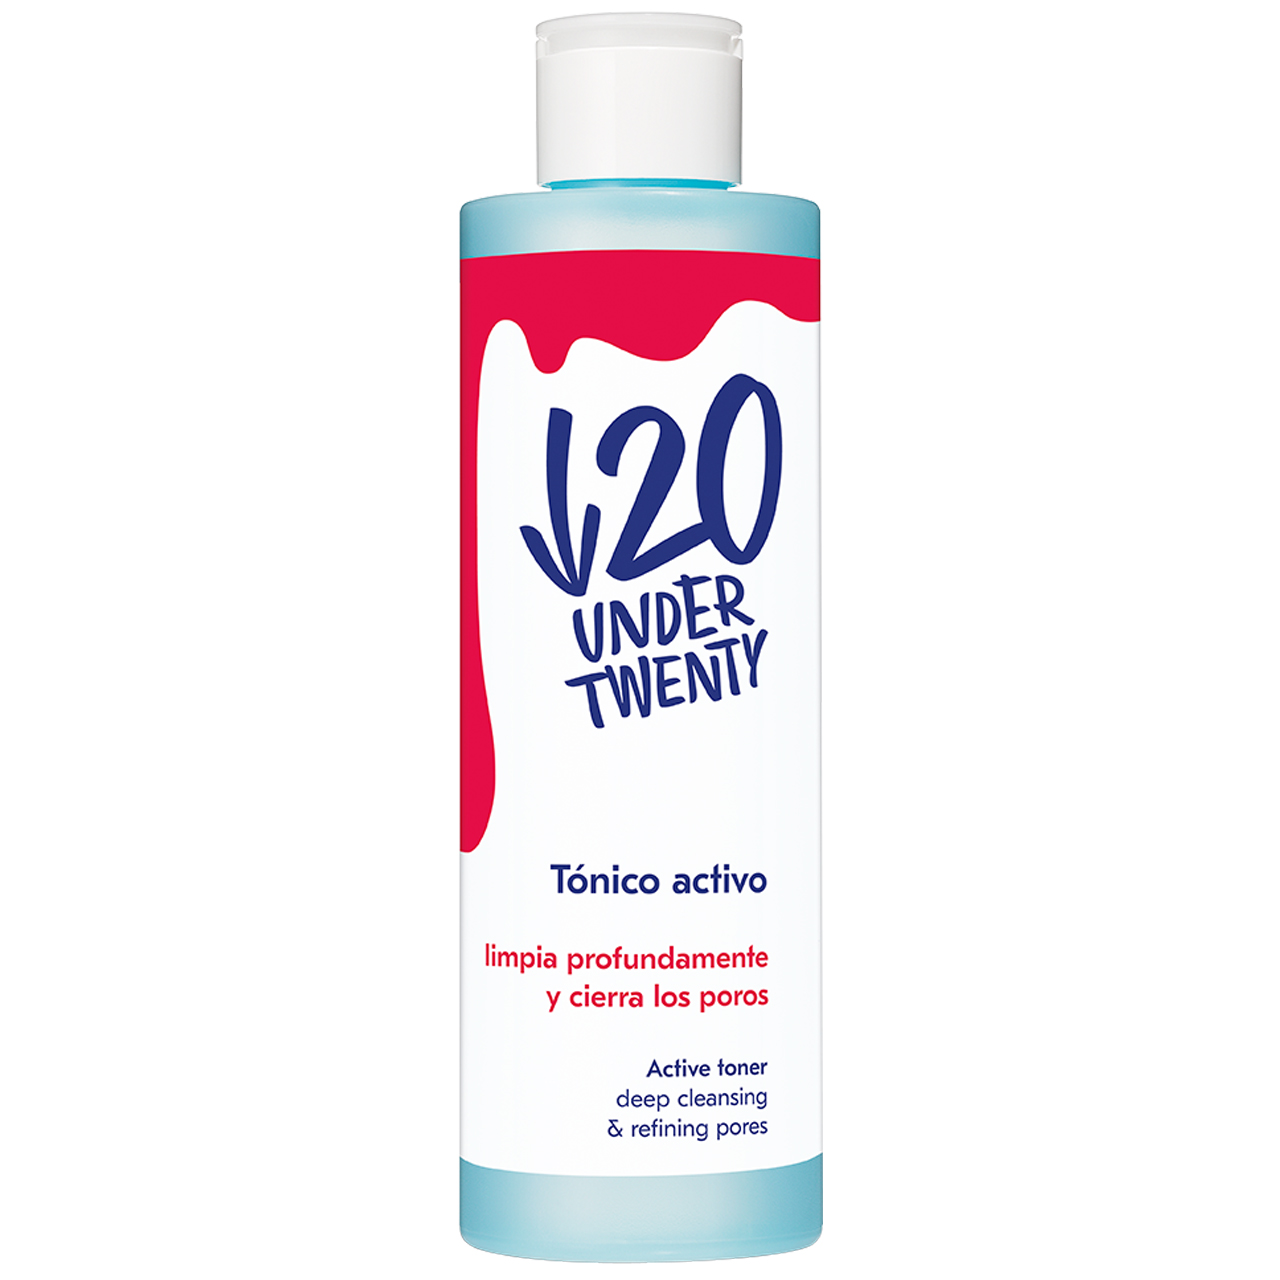 قیمت تونر پاک کننده پوست آندر 20 مدل Active Toner حجم 200 میلی لیتر